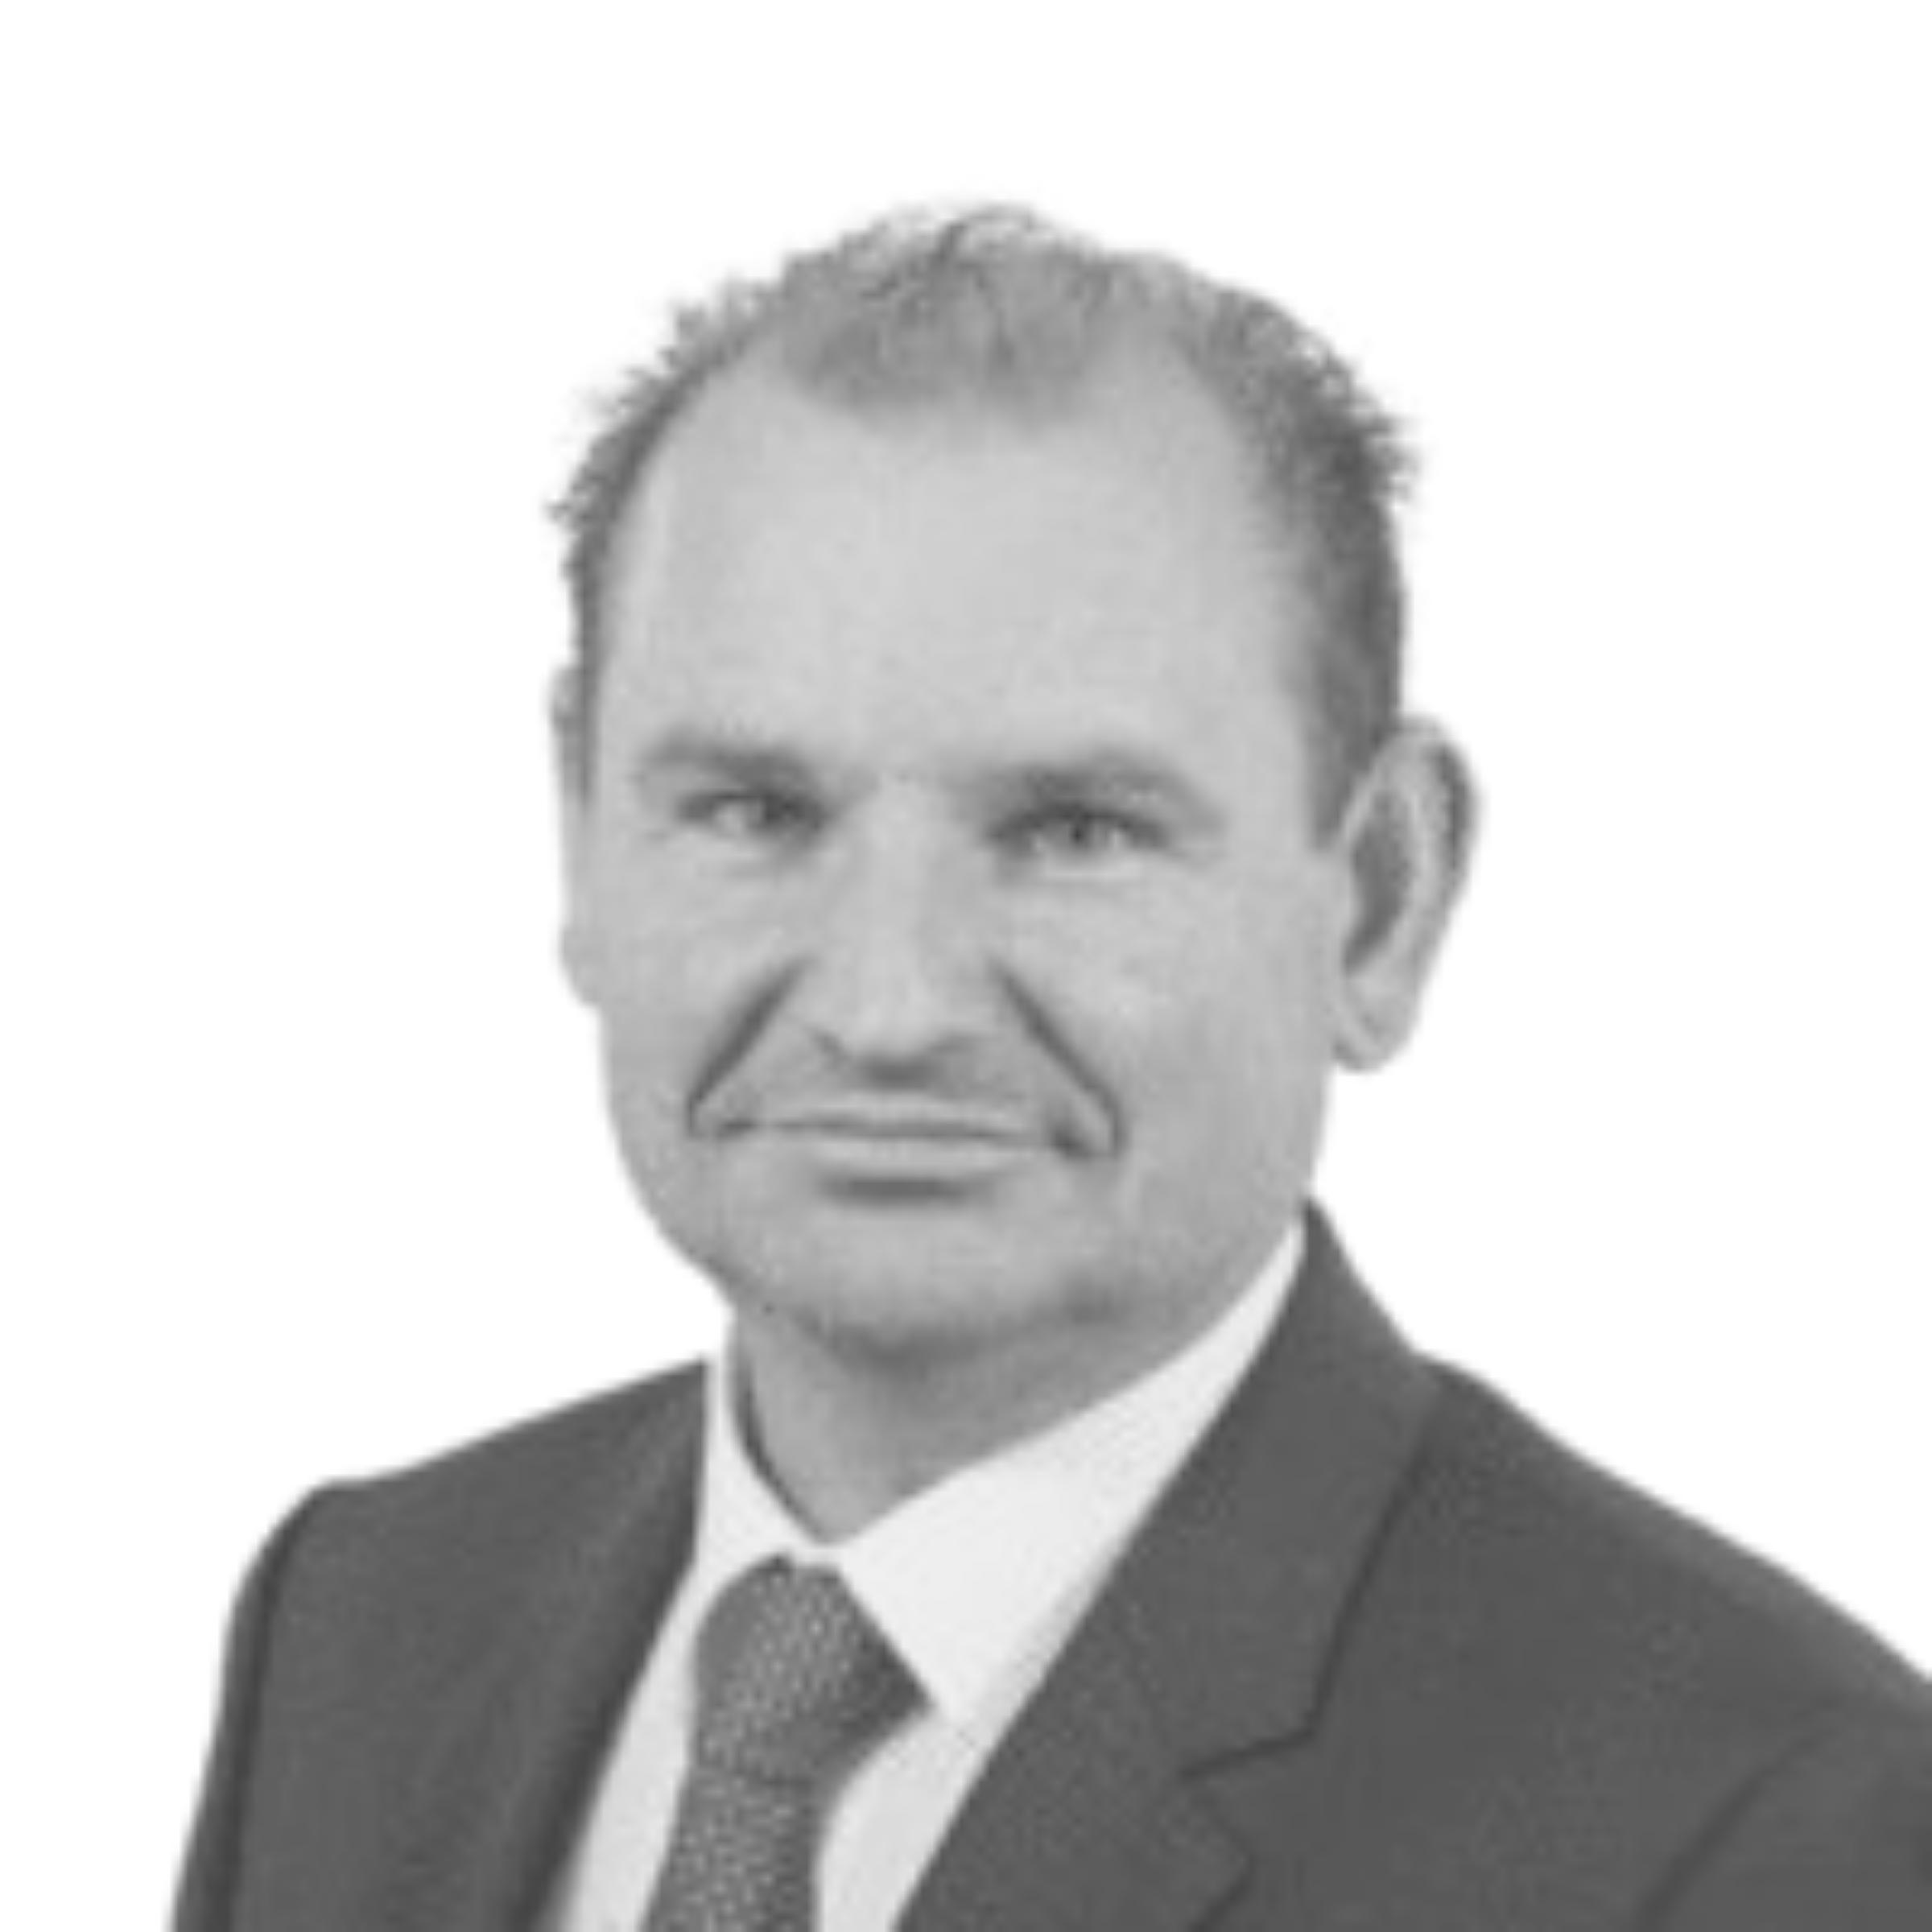 Martin Lategui